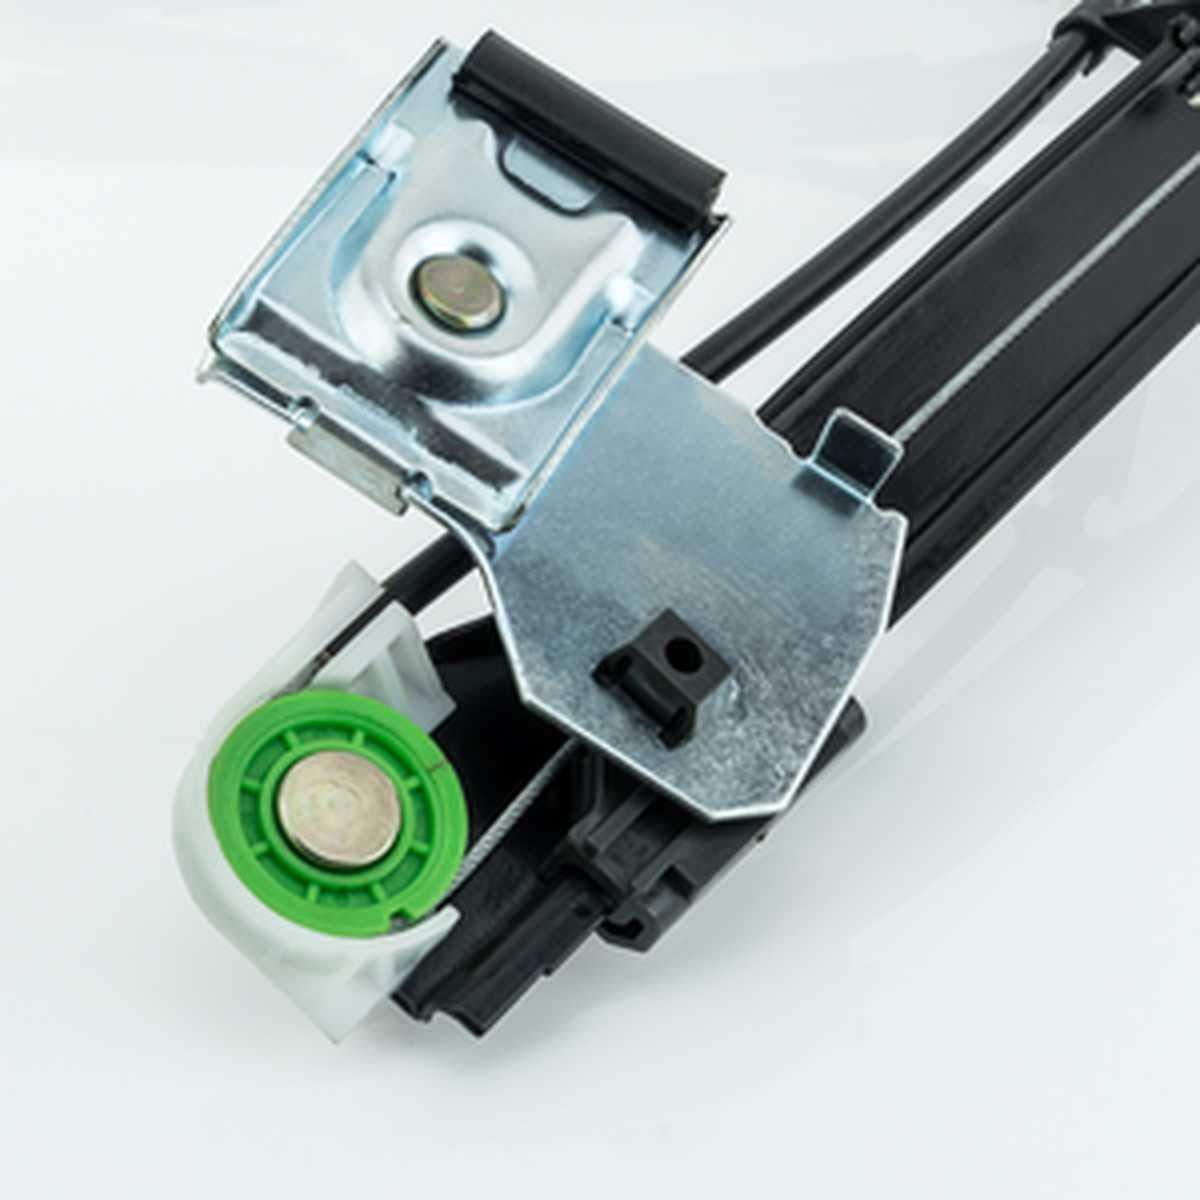 Gas Stoßdämpfer  Dämpfer Federbein G35838 für MAZDA 323 II,III vorne